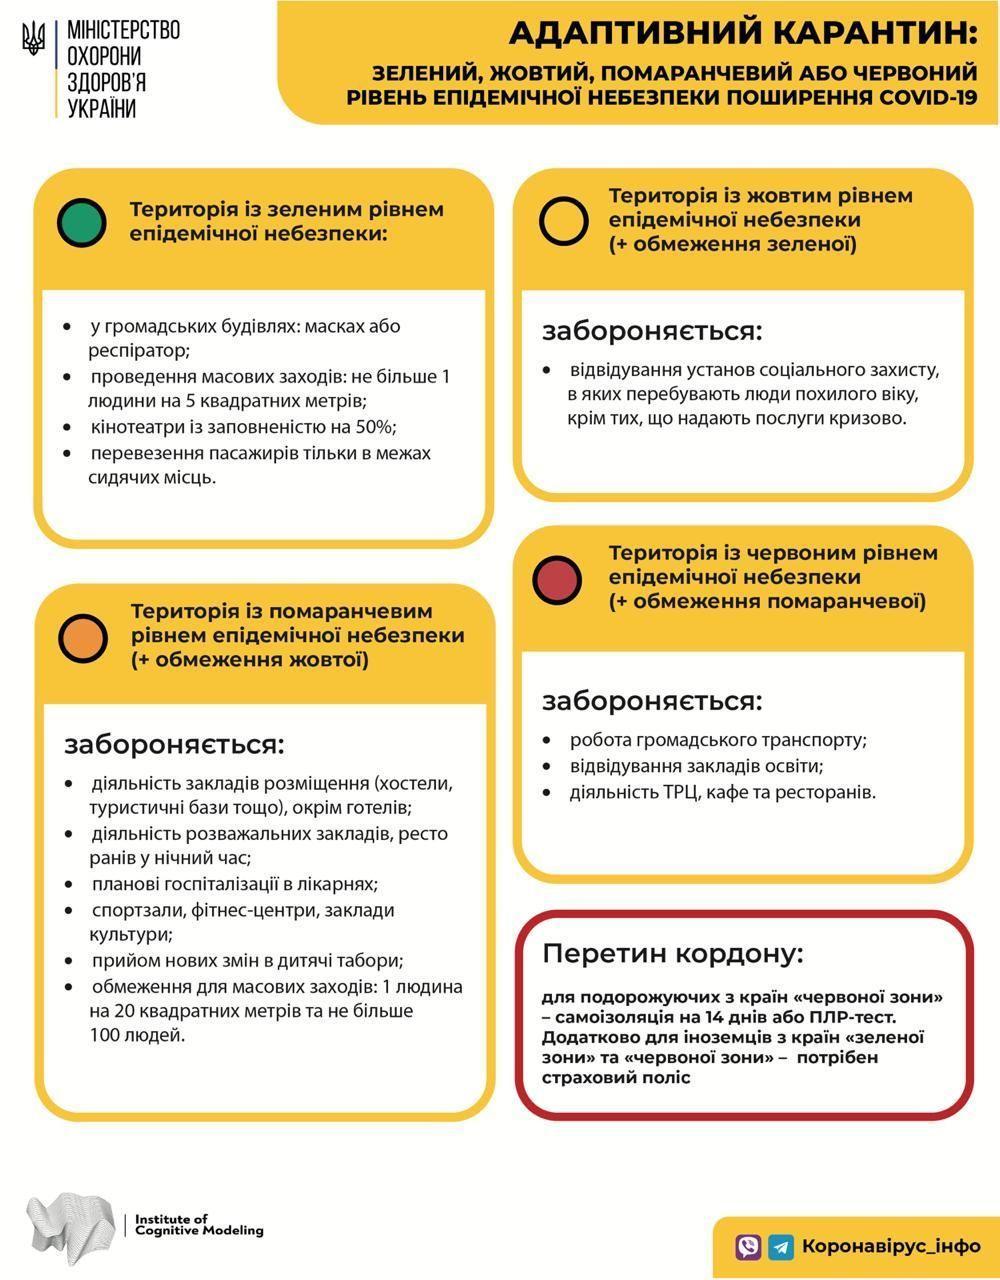 Какие ограничения действуют в разных зонах адаптивного карантина / Министерство здравоохранения Украины